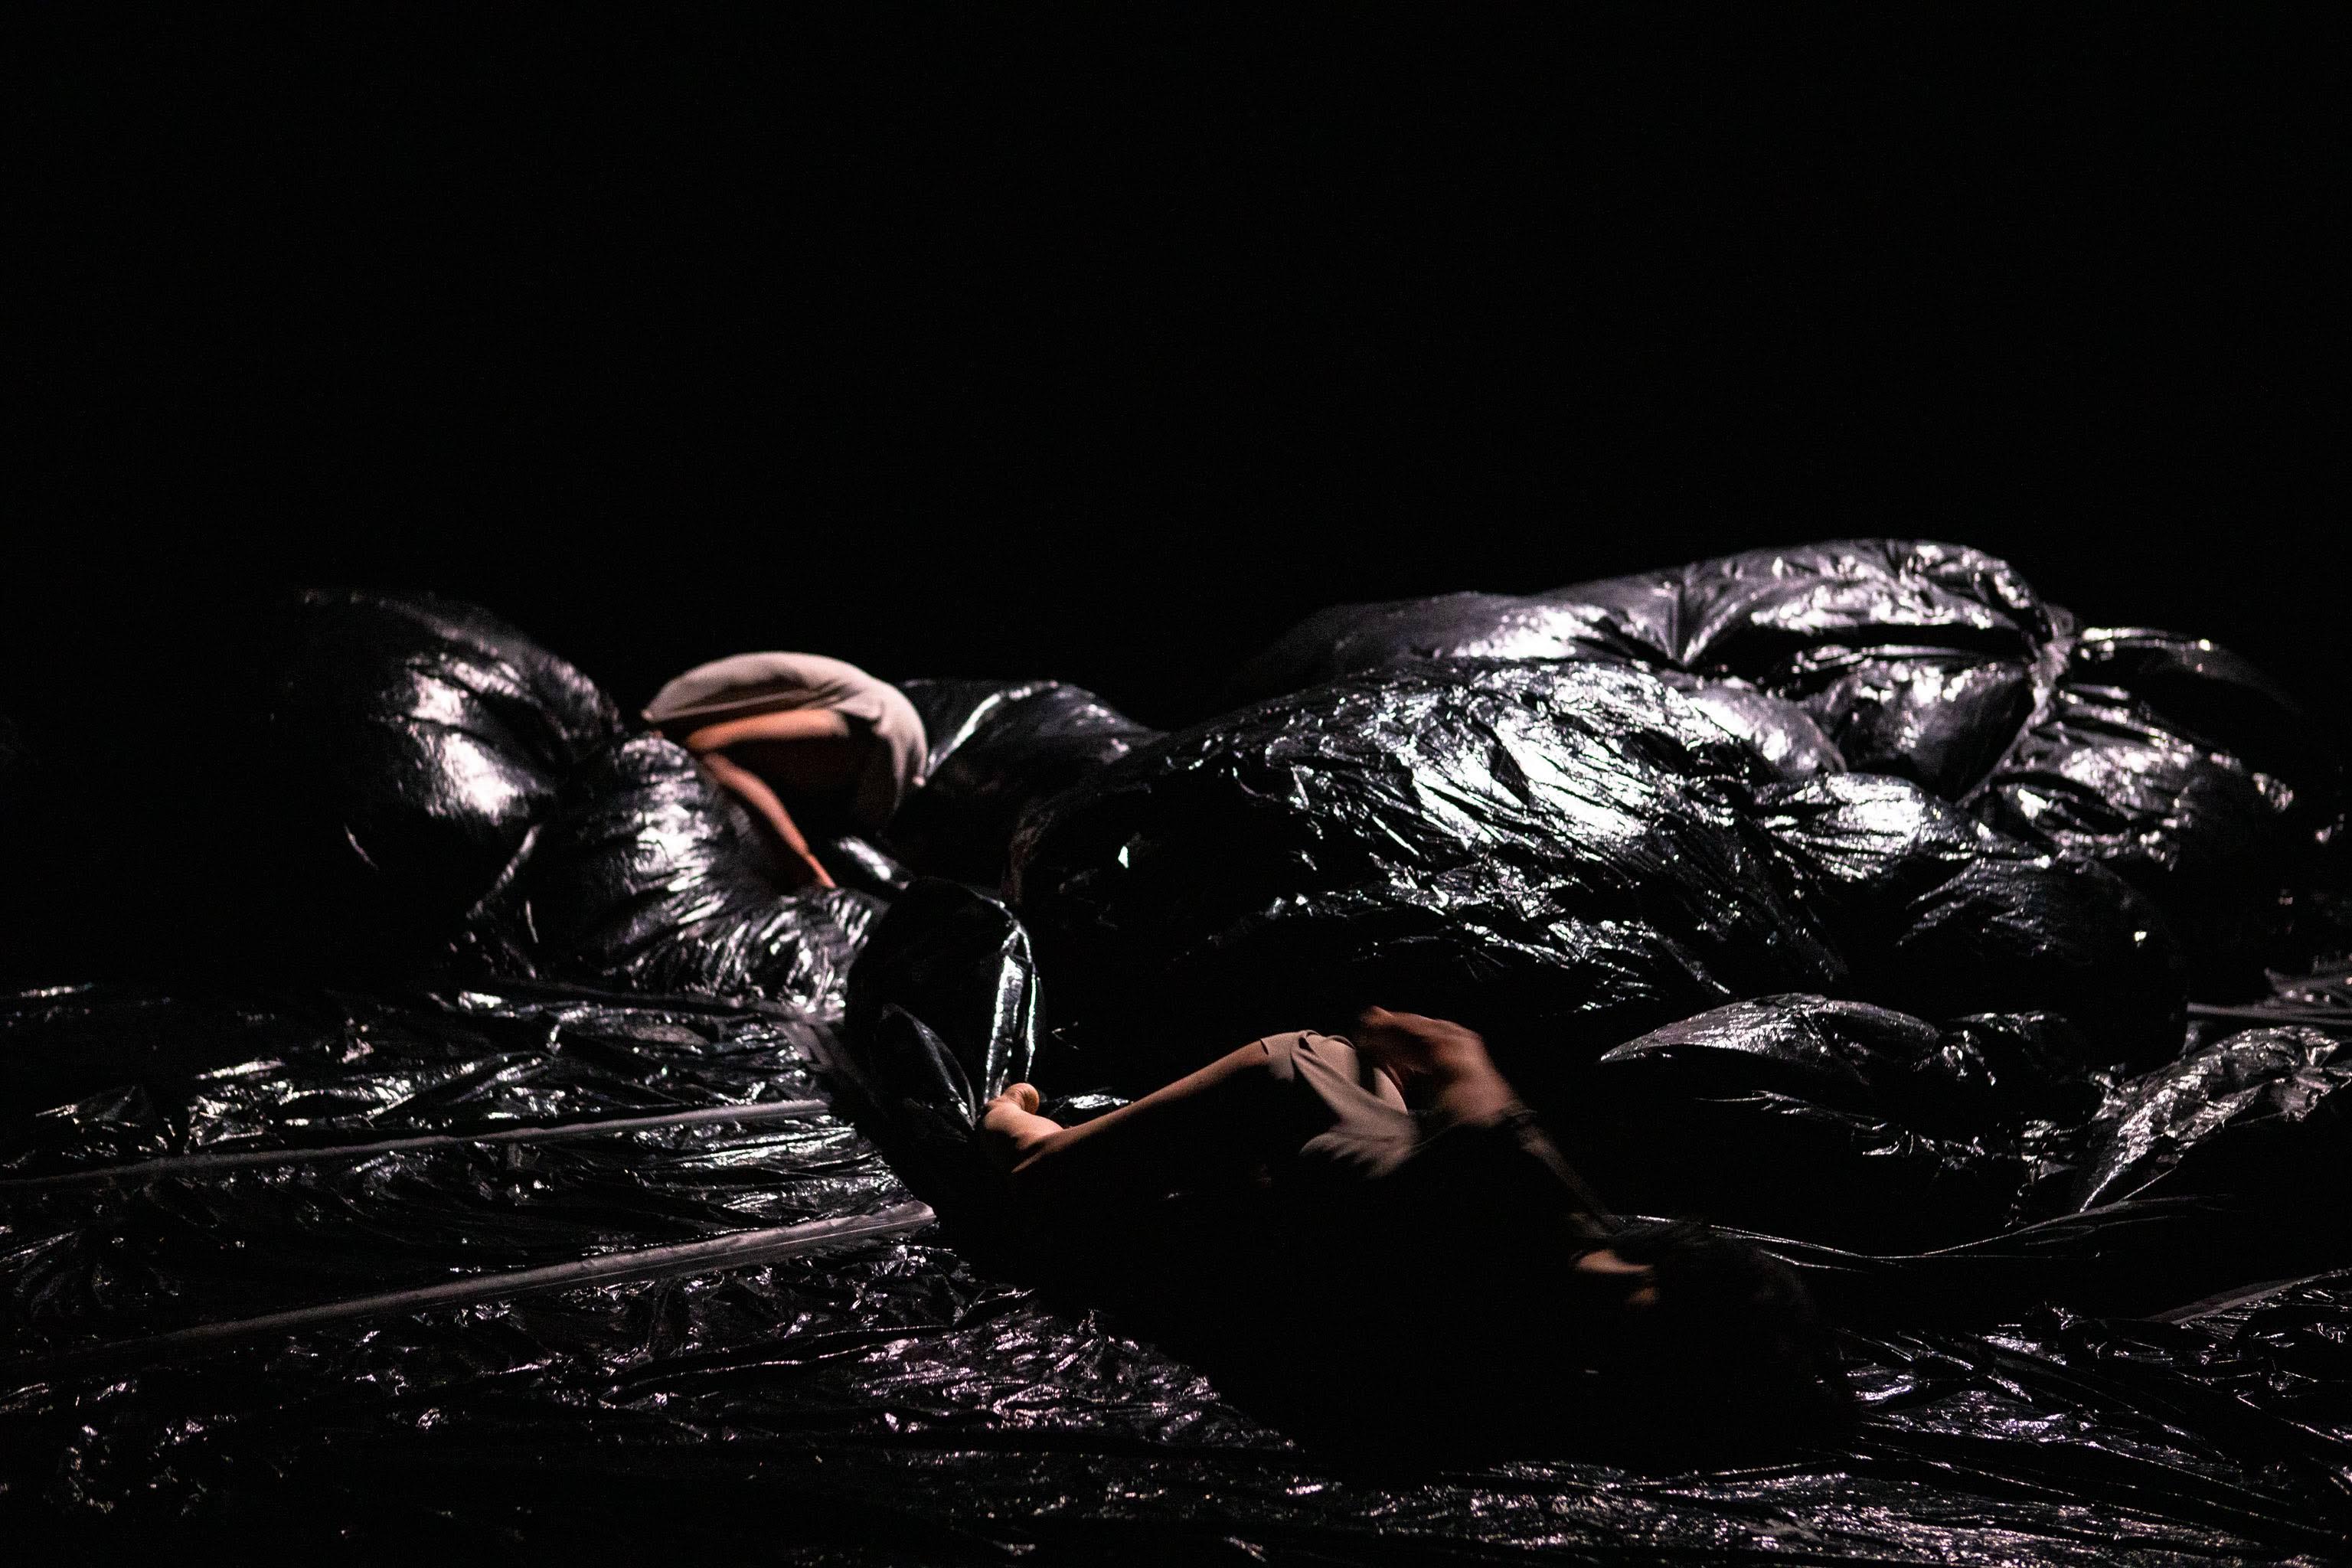 《人類黑區》 攝影周嘉慧 國家表演藝術中心國家兩廳院 提供